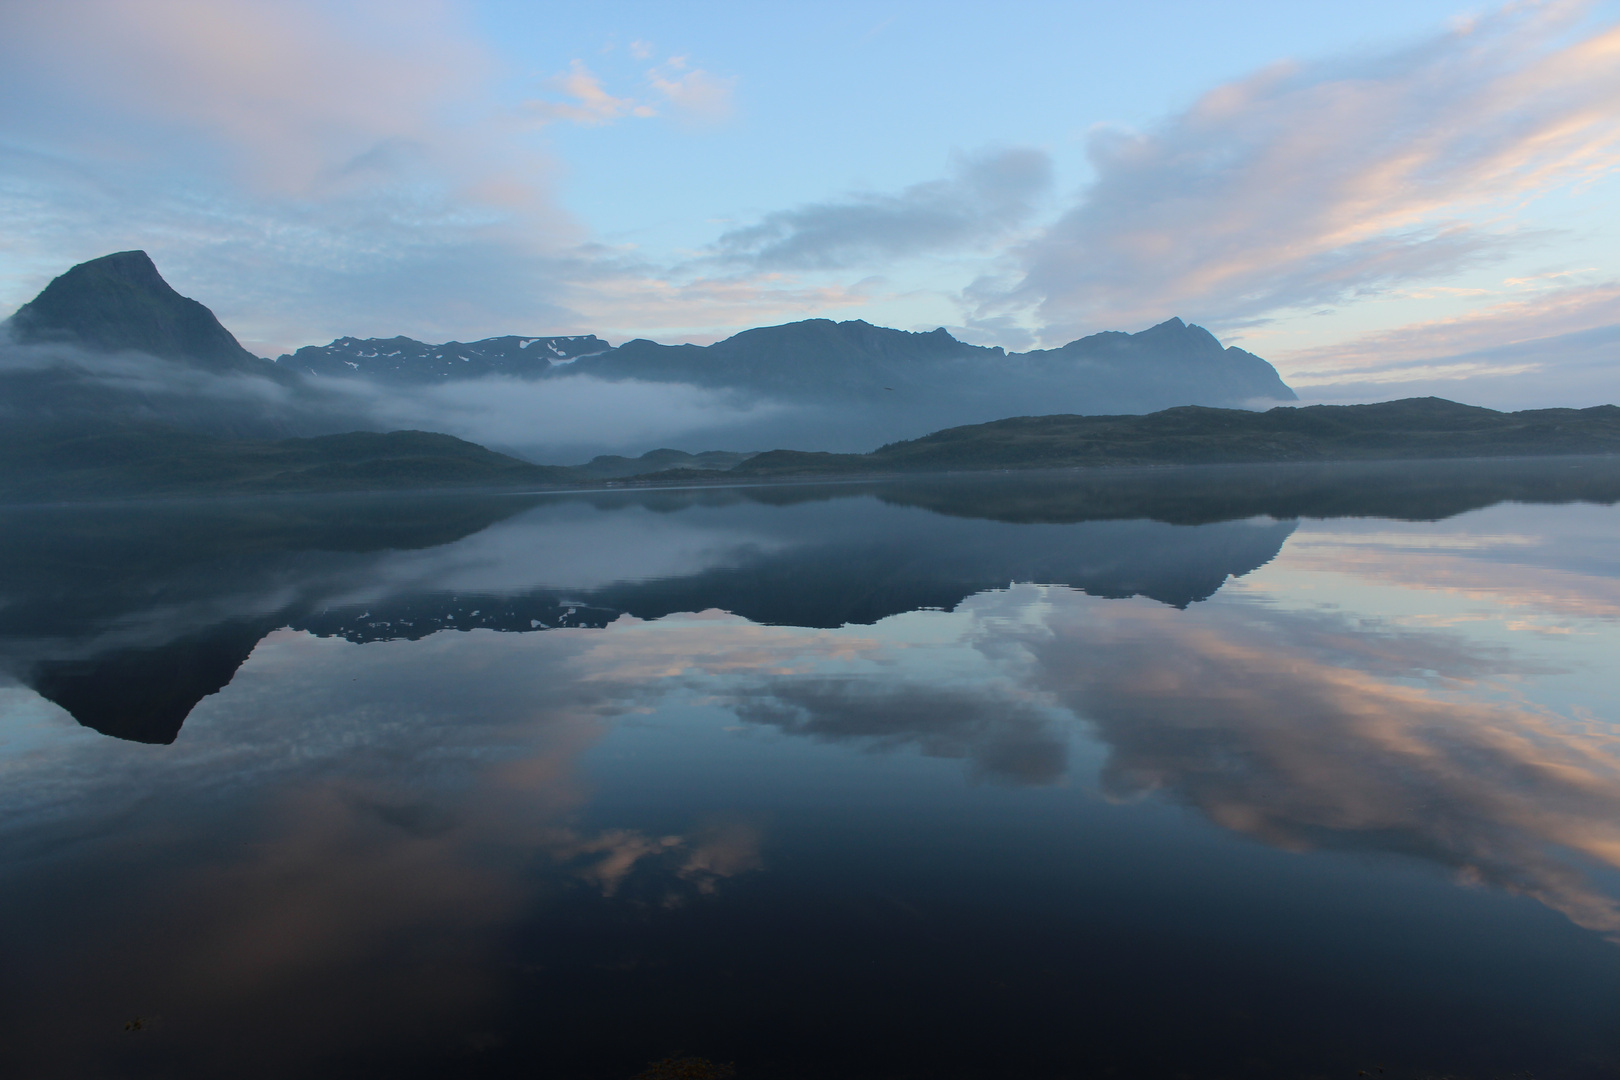 Berg mit Nebel umschleihert